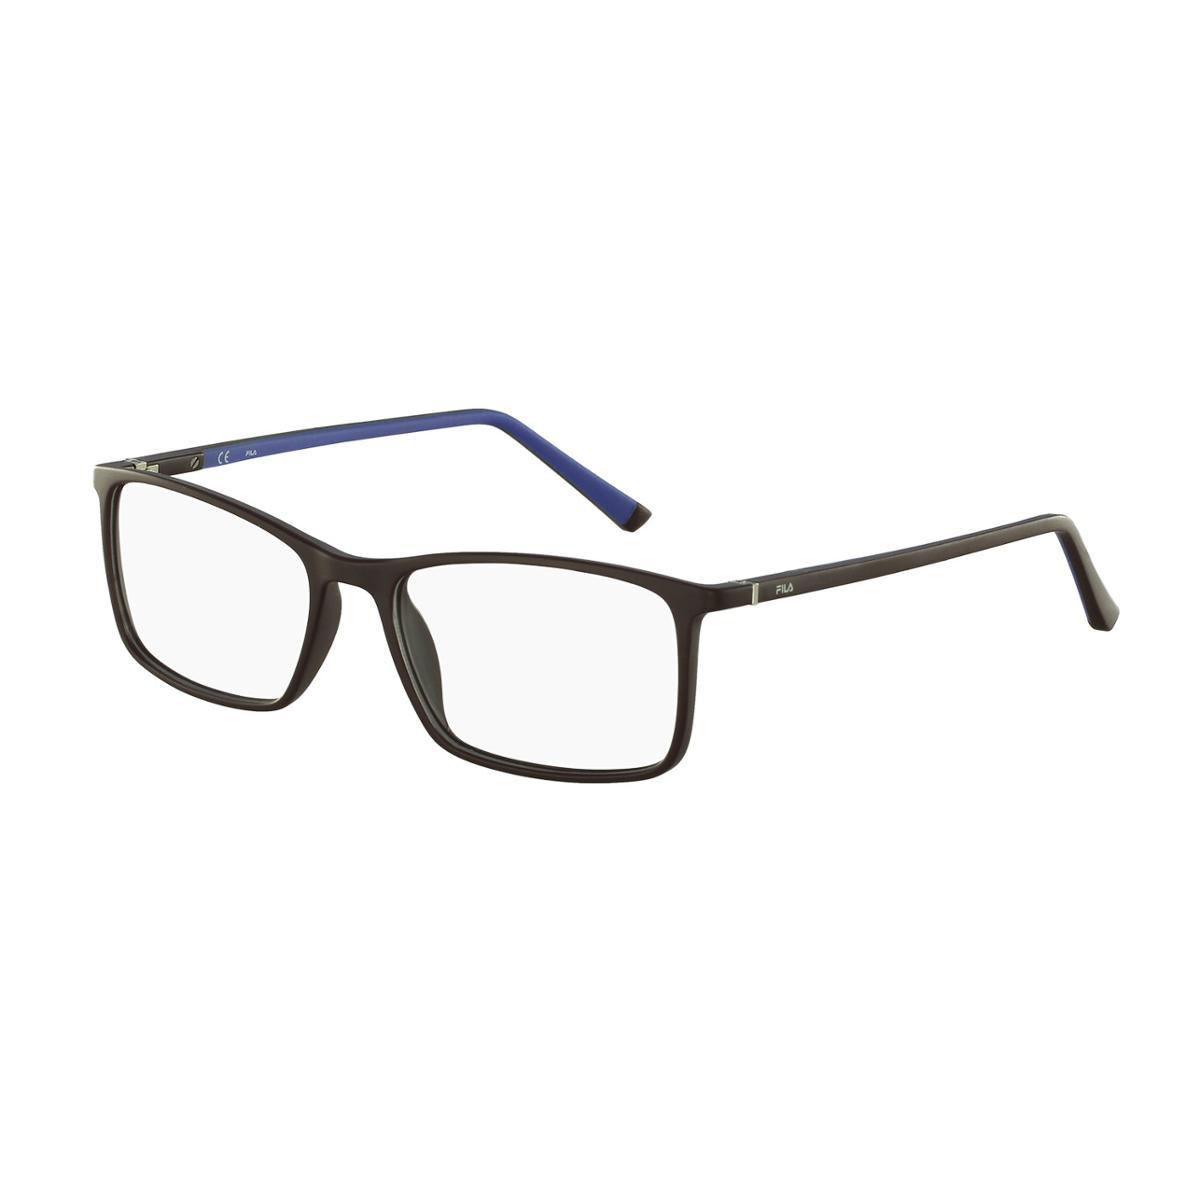 4af0acd5dbab5 Óculos de Grau Fila Esportivo - Roxo - Compre Agora   Zattini